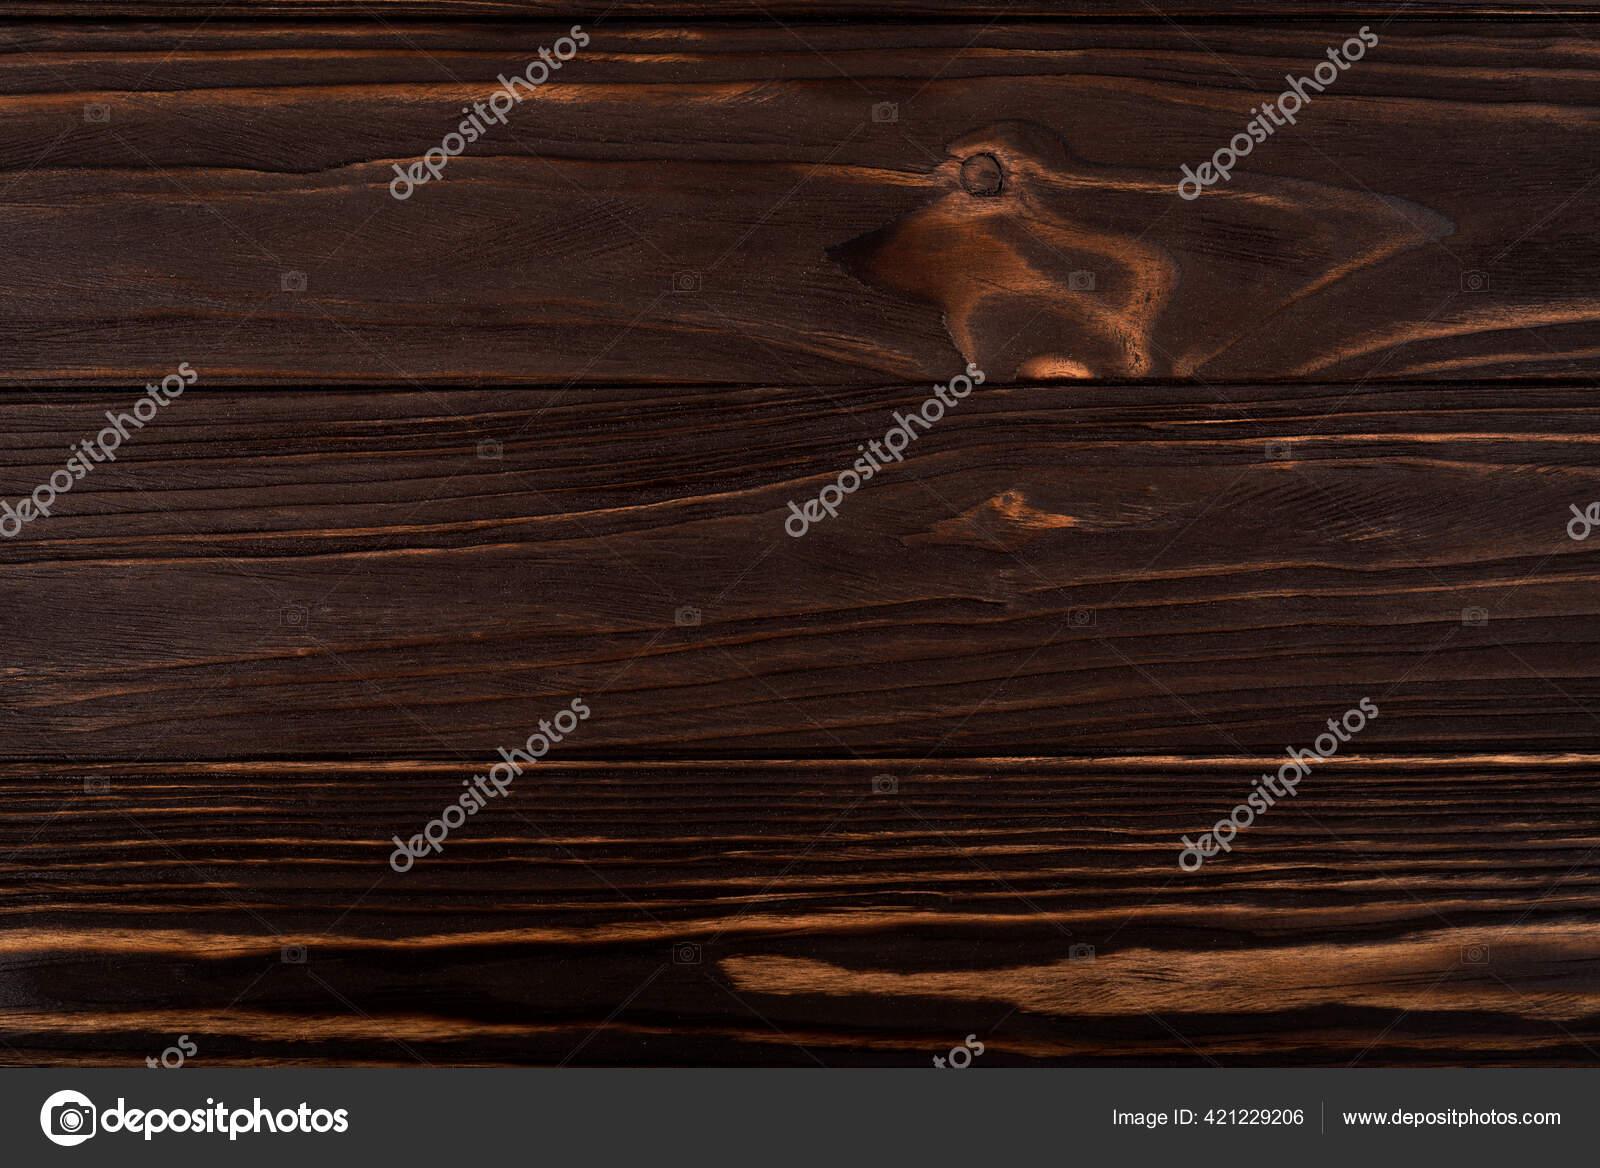 Texture Bois Surface Teck Fond Bois Fonce Pour Conception Decoration Image Libre De Droit Par Vandycandy C 421229206